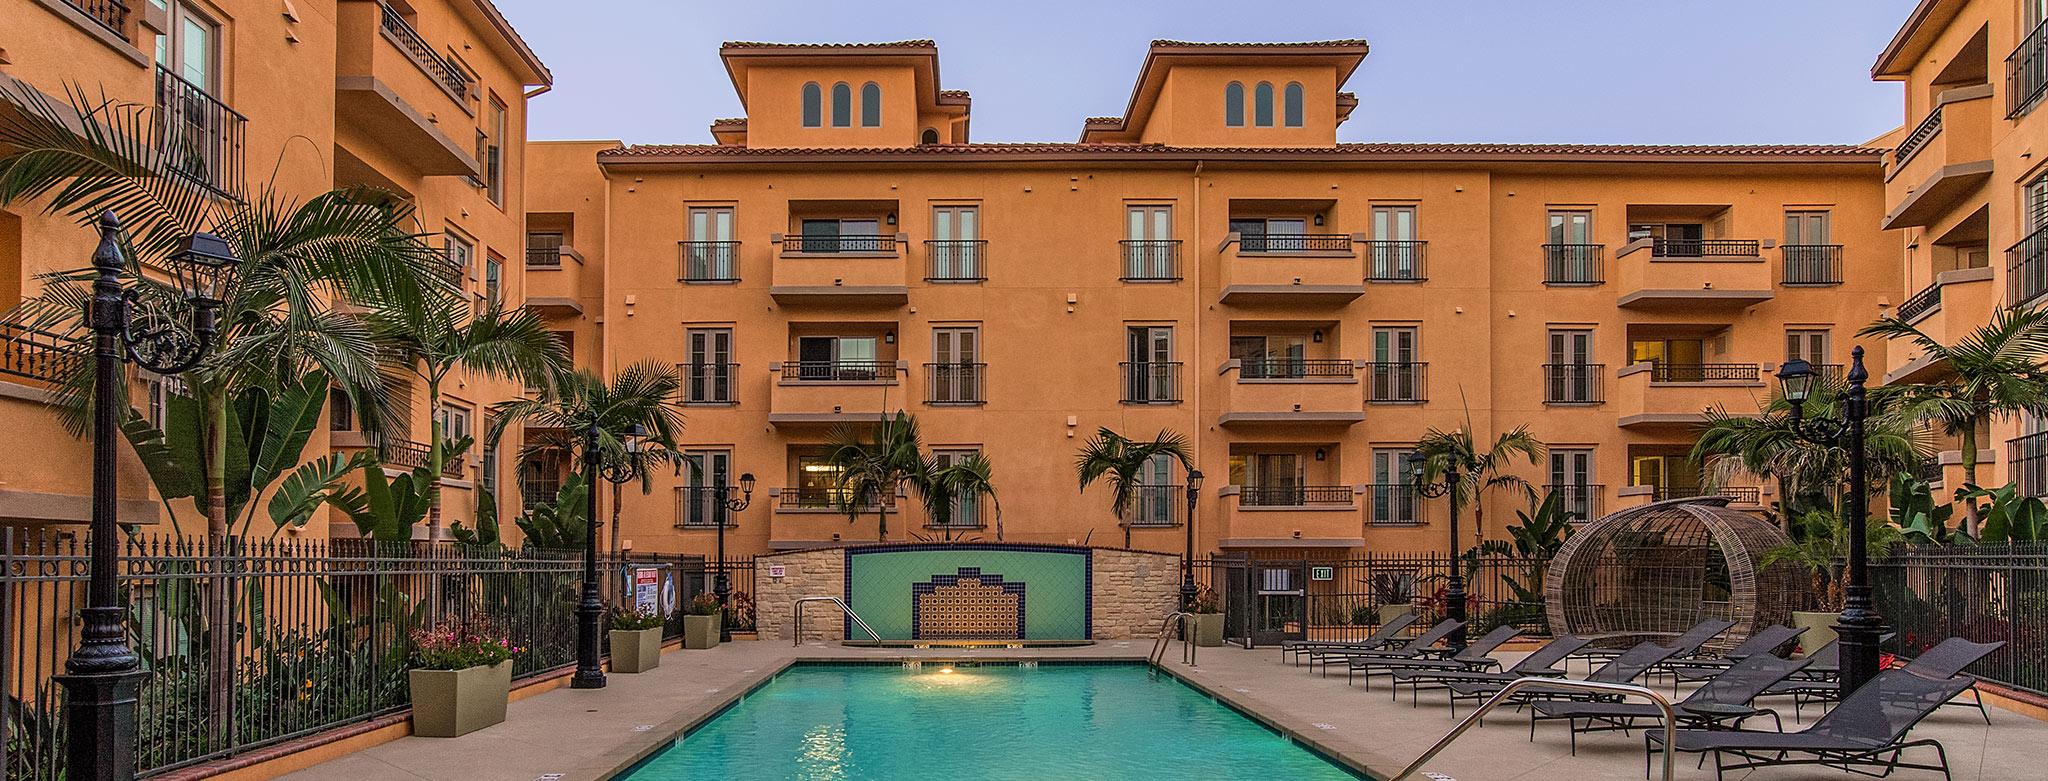 Decron Properties - Playa Del Oro<br />Playa Del Rey